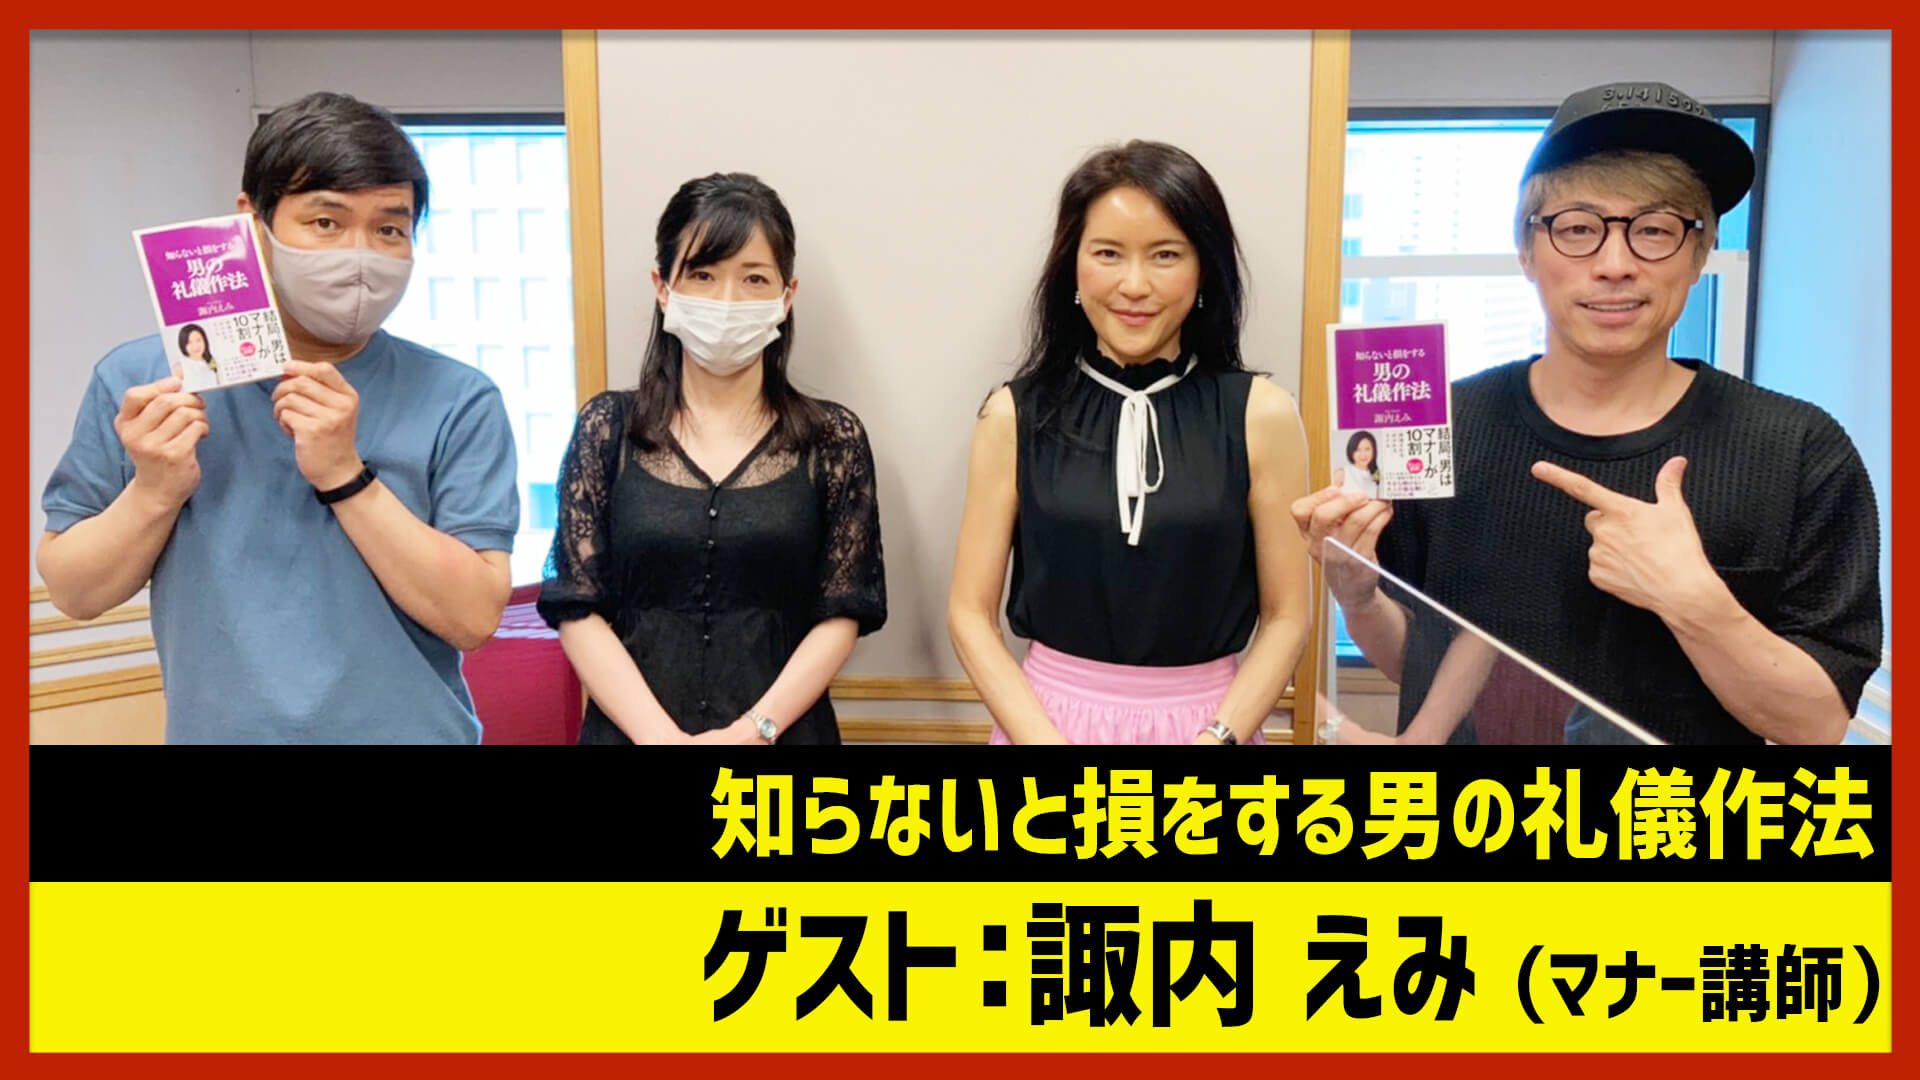 【田村淳のNewsCLUB】ゲスト: 諏内えみさん(2021年6月5日後半)